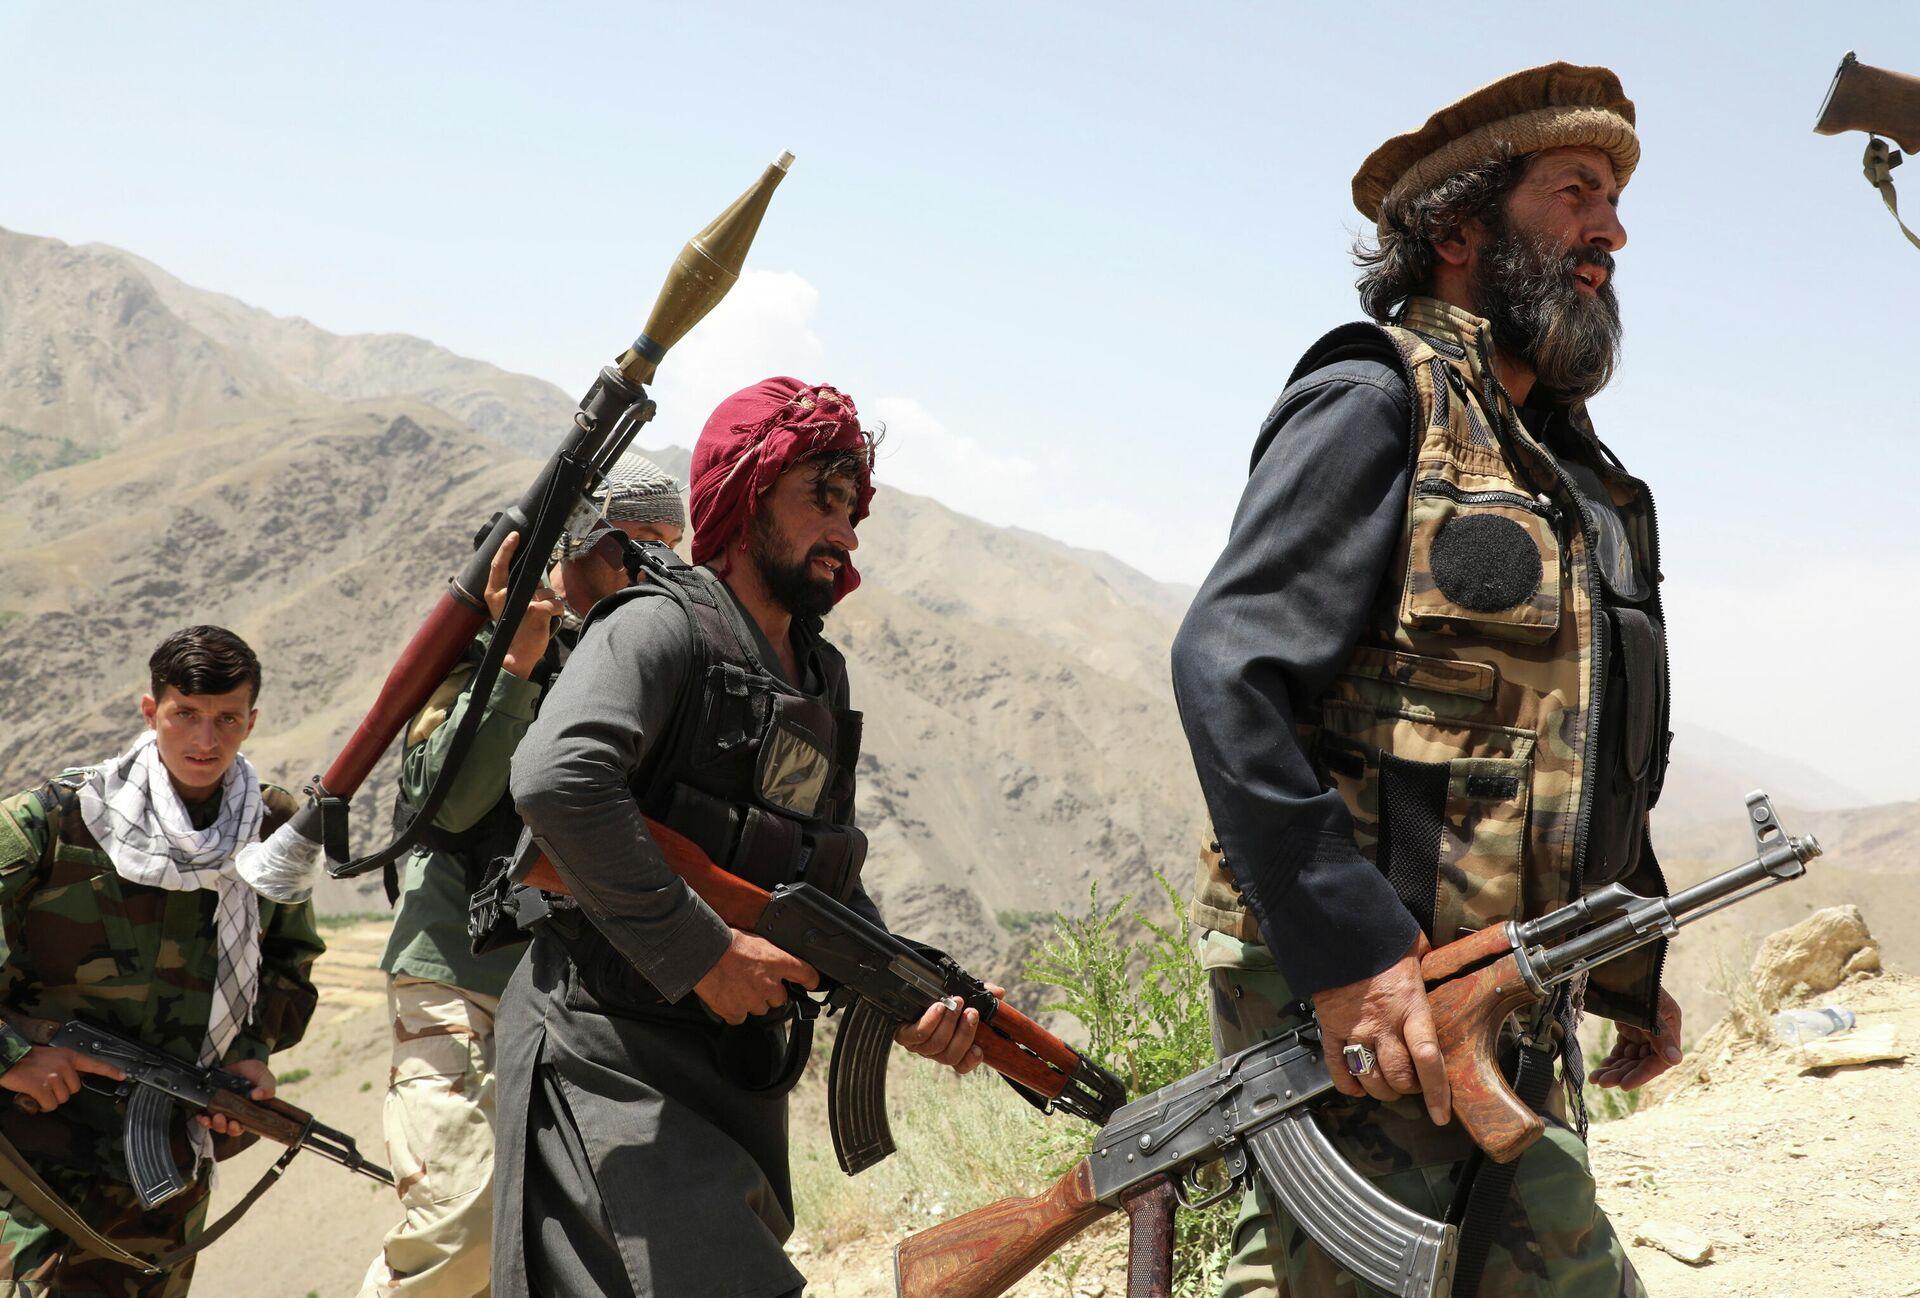 Hombres armados que están en contra de los talibanes caminan por el territorio de su puesto de control en el distrito de Ghorband, provincia de Parwan, Afganistán, el 29 de junio de 2021.  - Sputnik Mundo, 1920, 09.07.2021